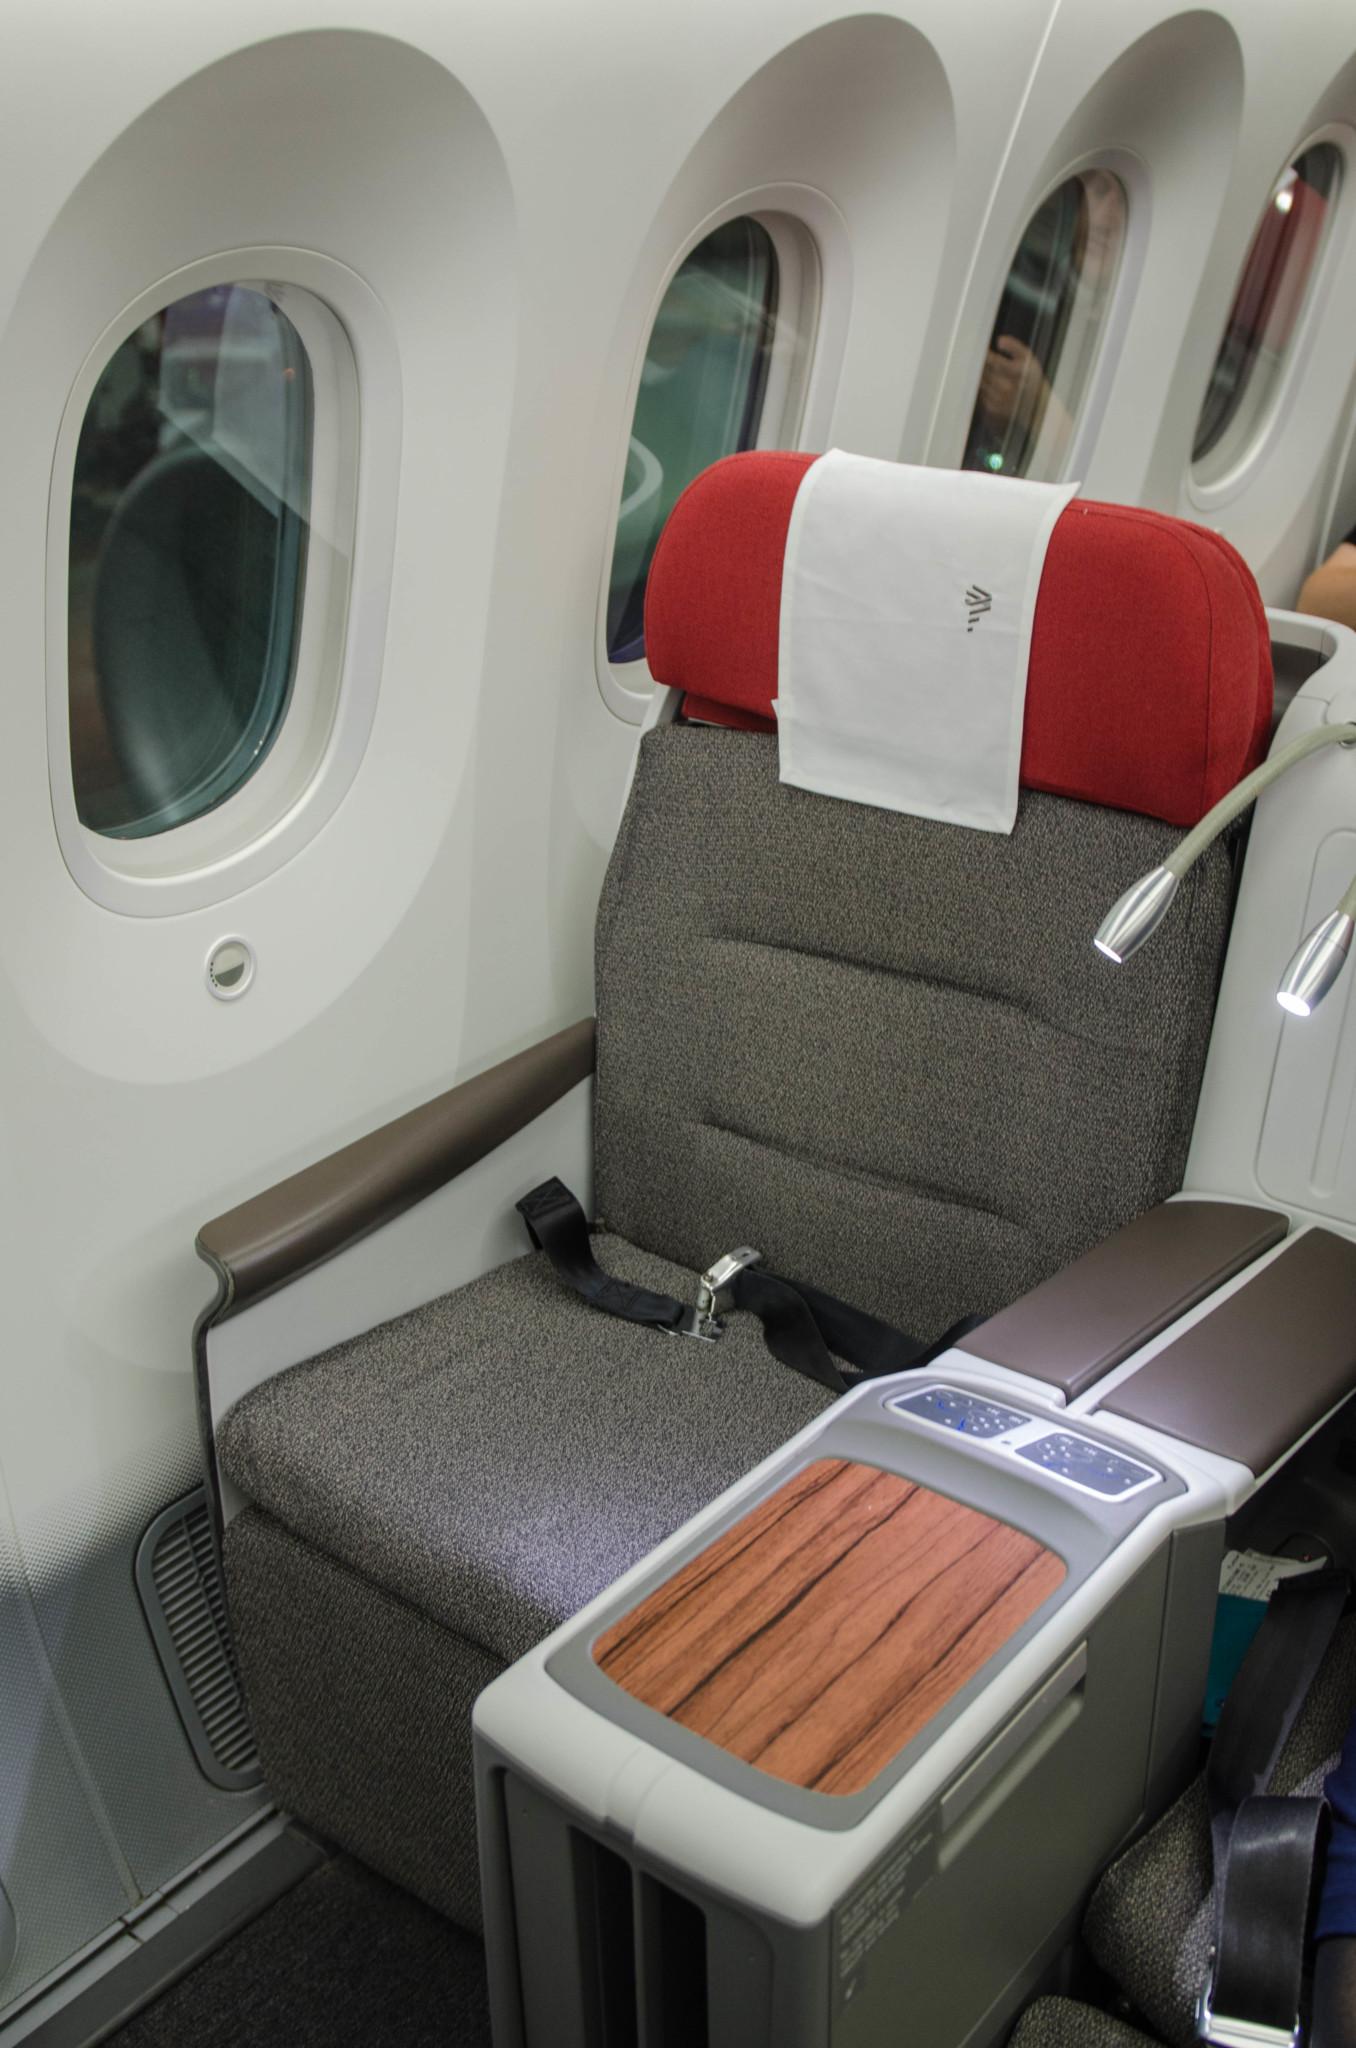 Modernes Design der Sitze bei Latam